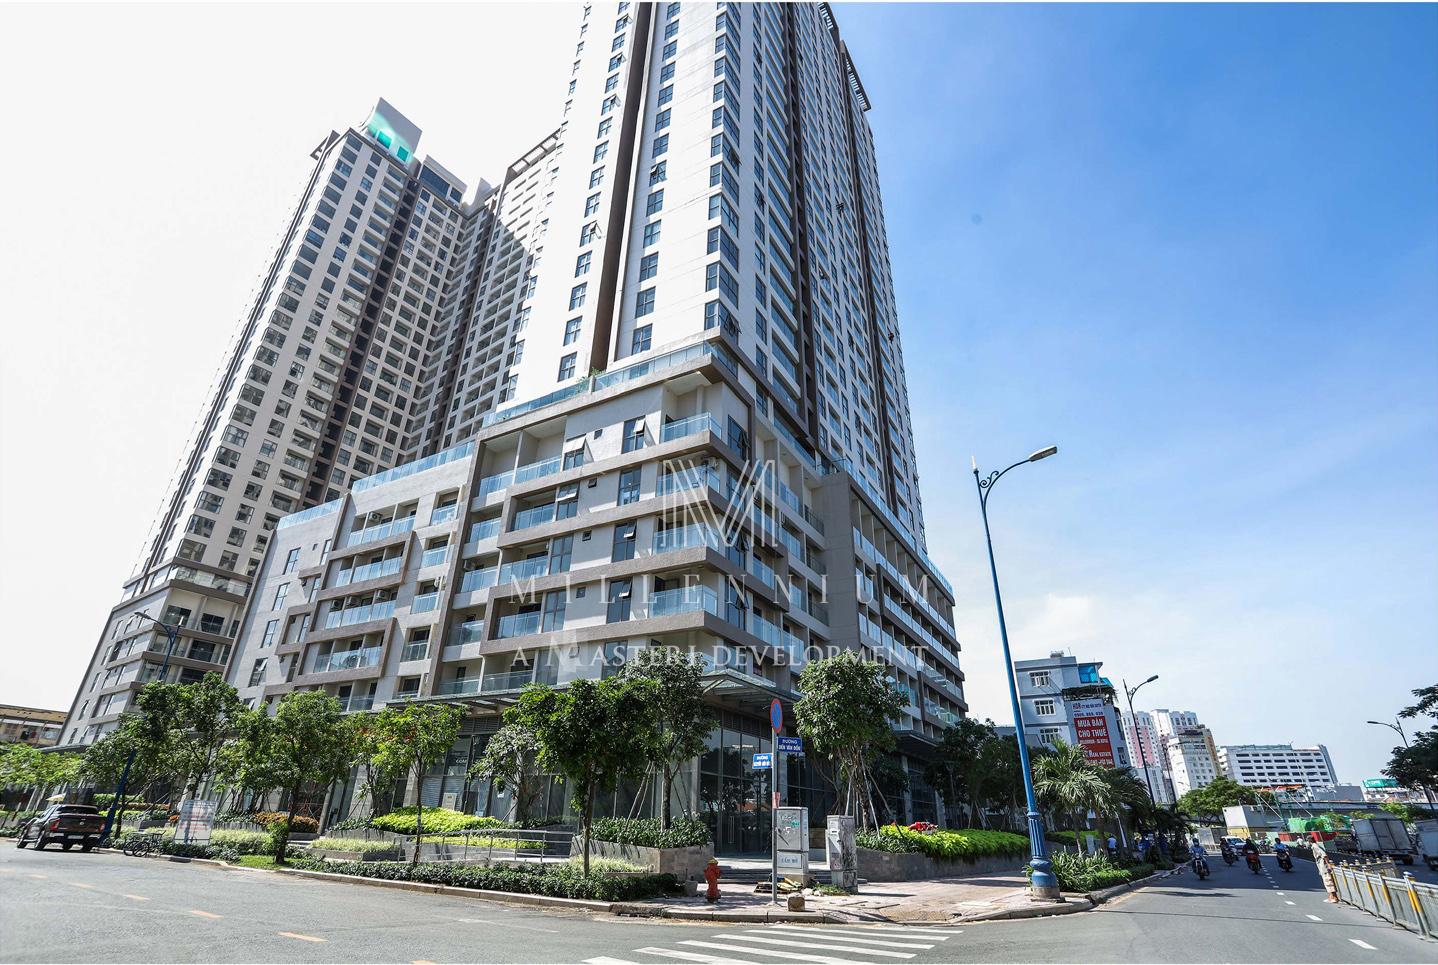 Chất lượng cao giá tầm trung cho khu căn hộ  Nha Trang Luxury Apartment Danh Khôi Xương Huân